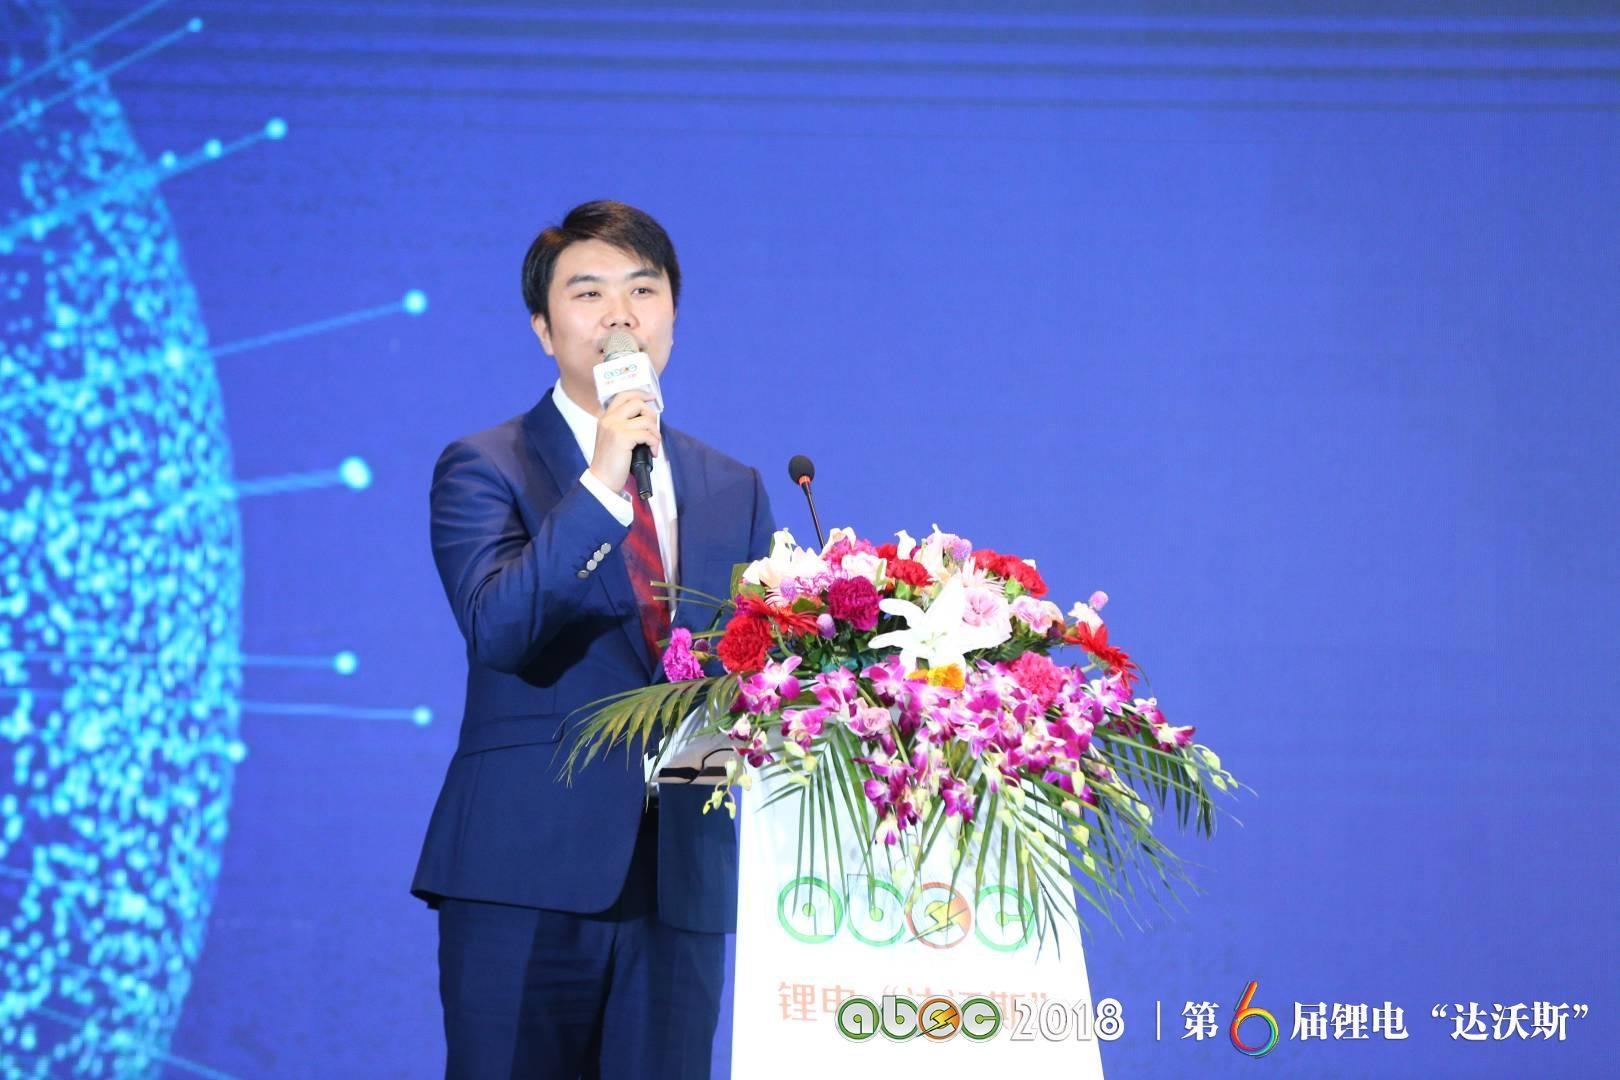 宁波容百新能源科技股份有限公司战略管理中心总经理赵军